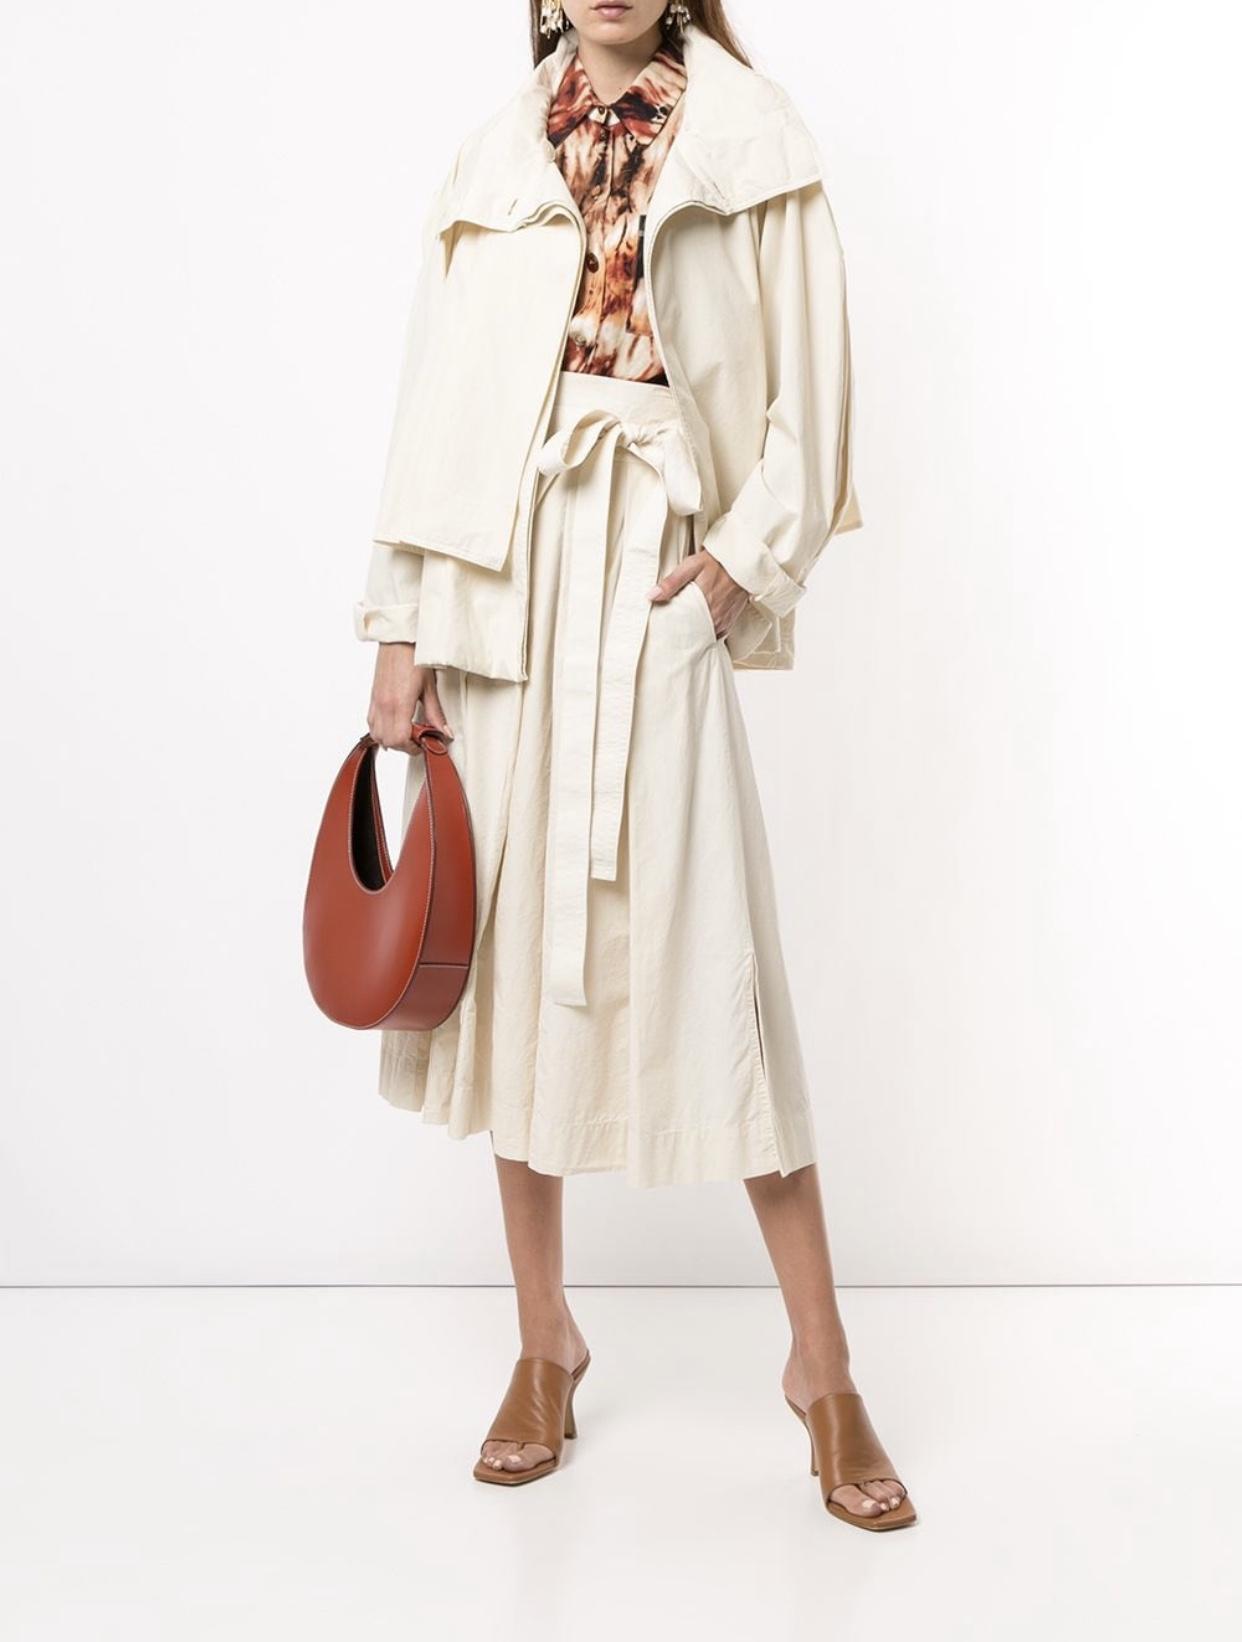 벨트스커트 Lemaire하이웨스트 트임 미들롱타입 작은키 감각디자인 플리츠 스커트 2020여성여름옷 가을신상